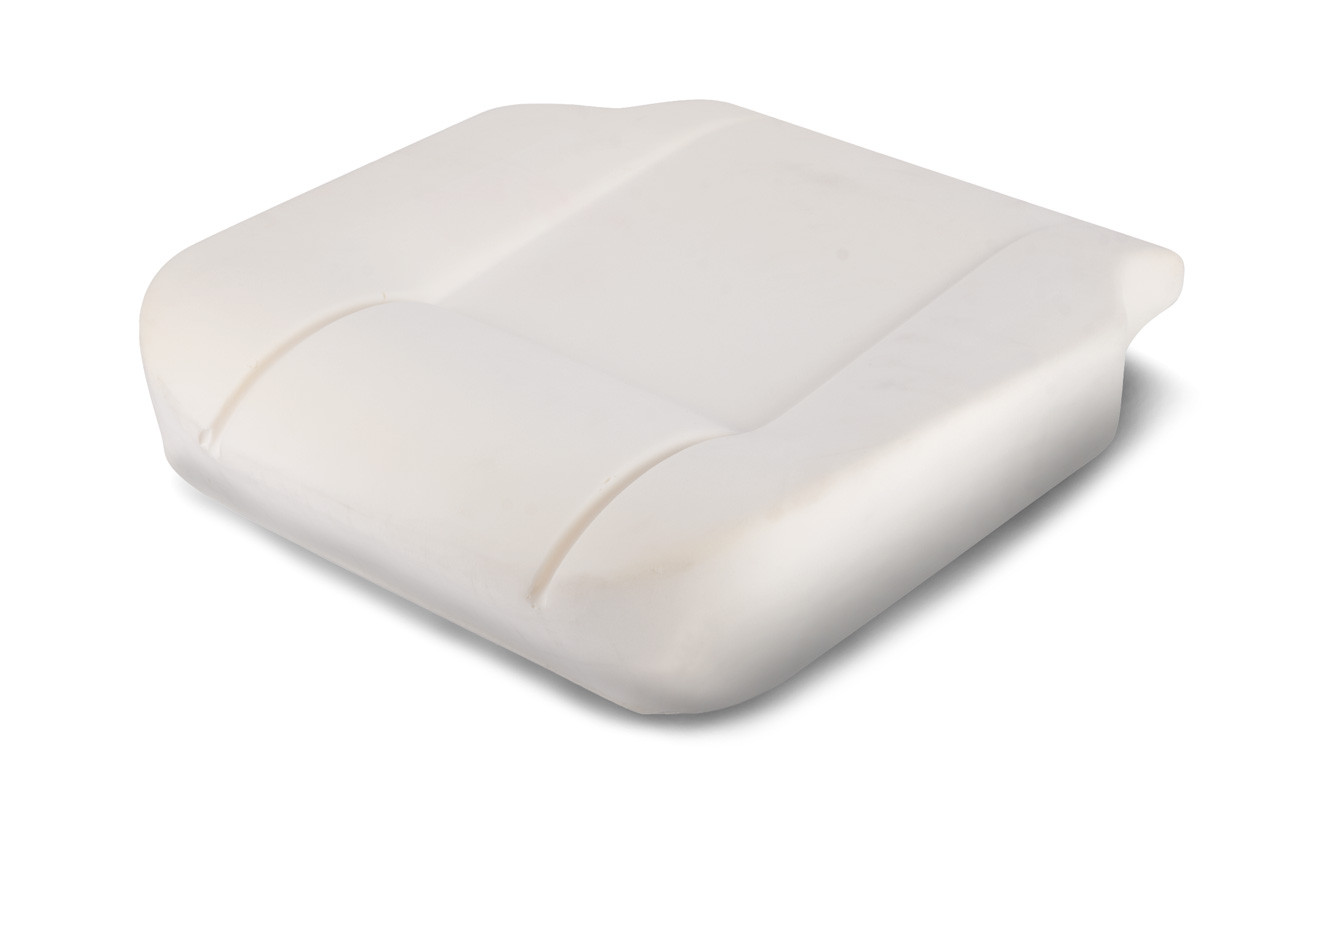 MG Seat foam